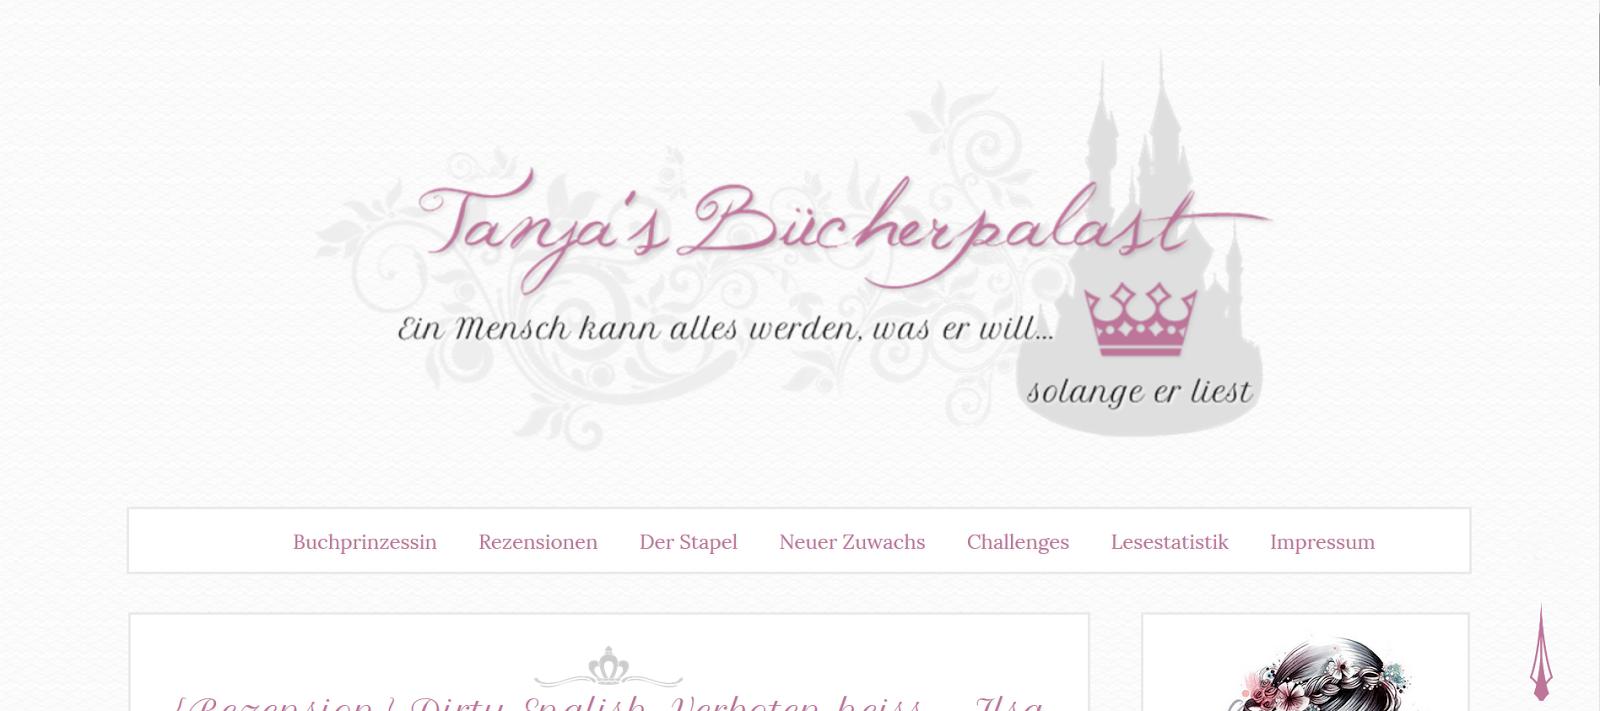 http://buecher-palast.blogspot.de/